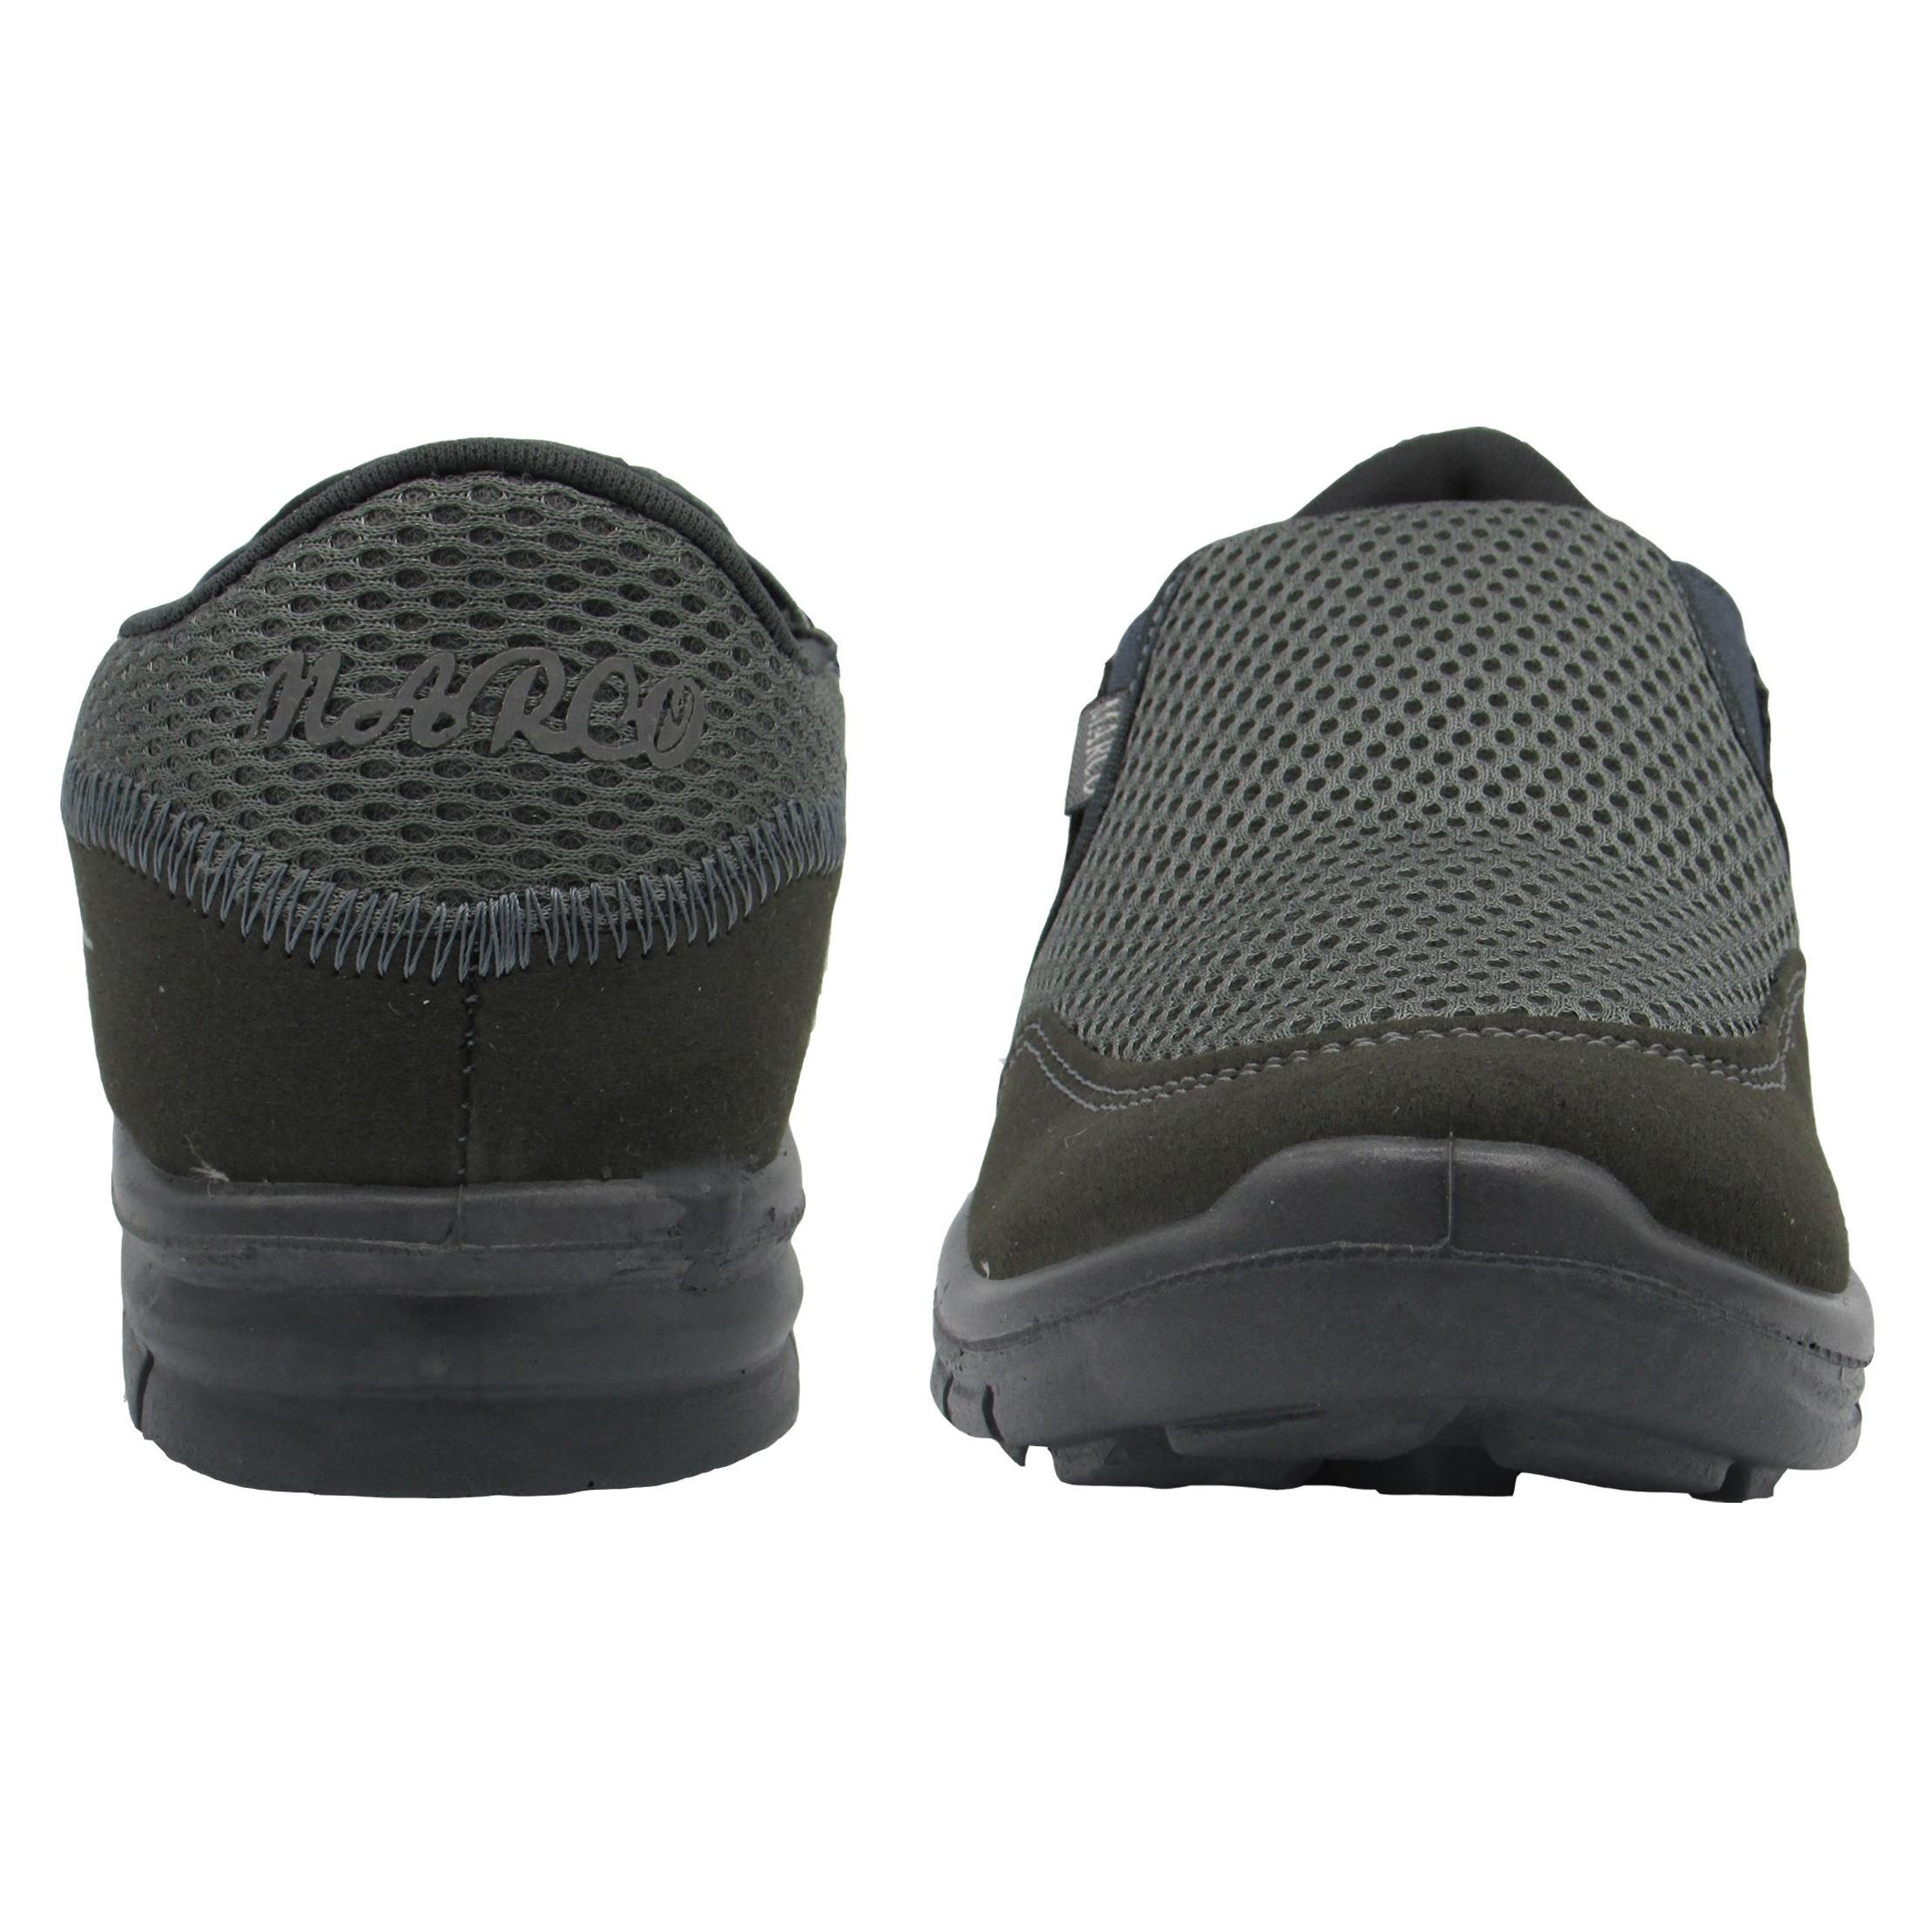 کفش مخصوص پیاده روی زنانه اندیشه مدل مارکو کد 1516 رنگ طوسی